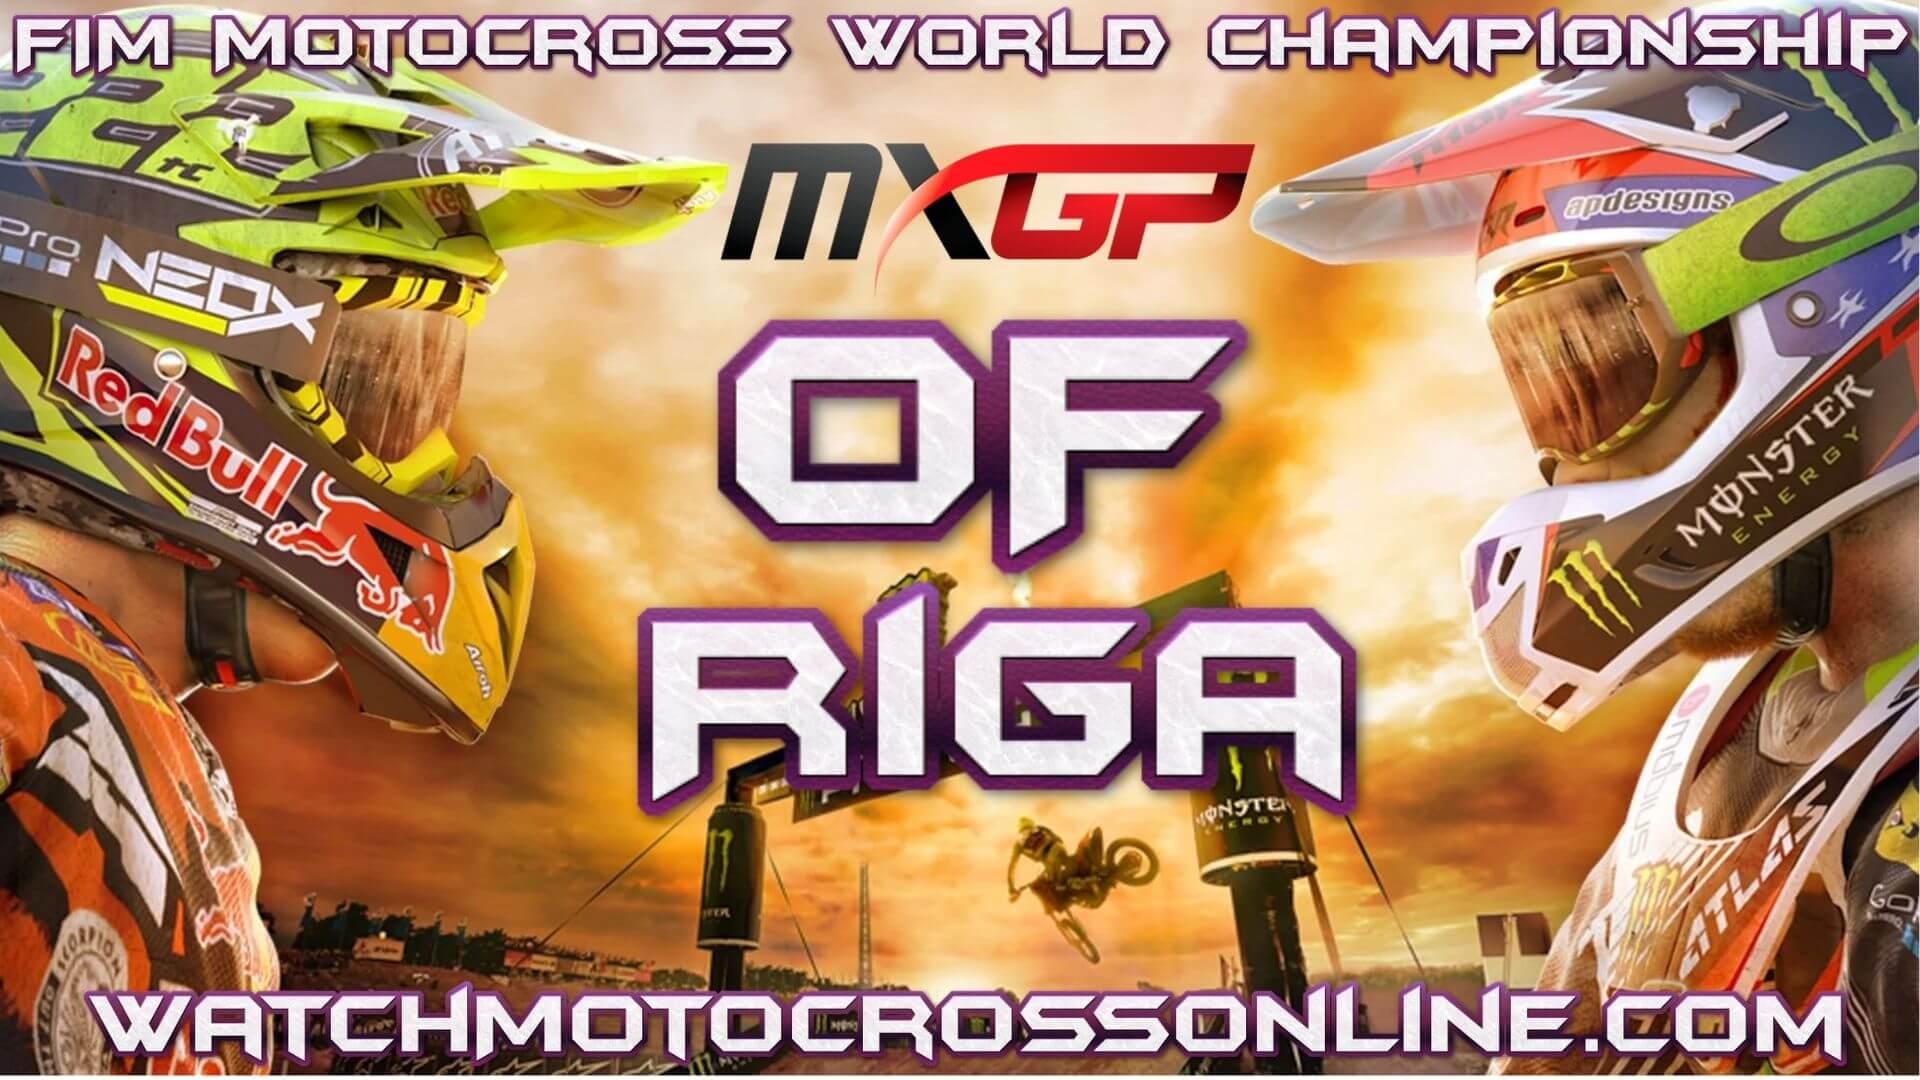 MXGP of Riga Live Stream 2020